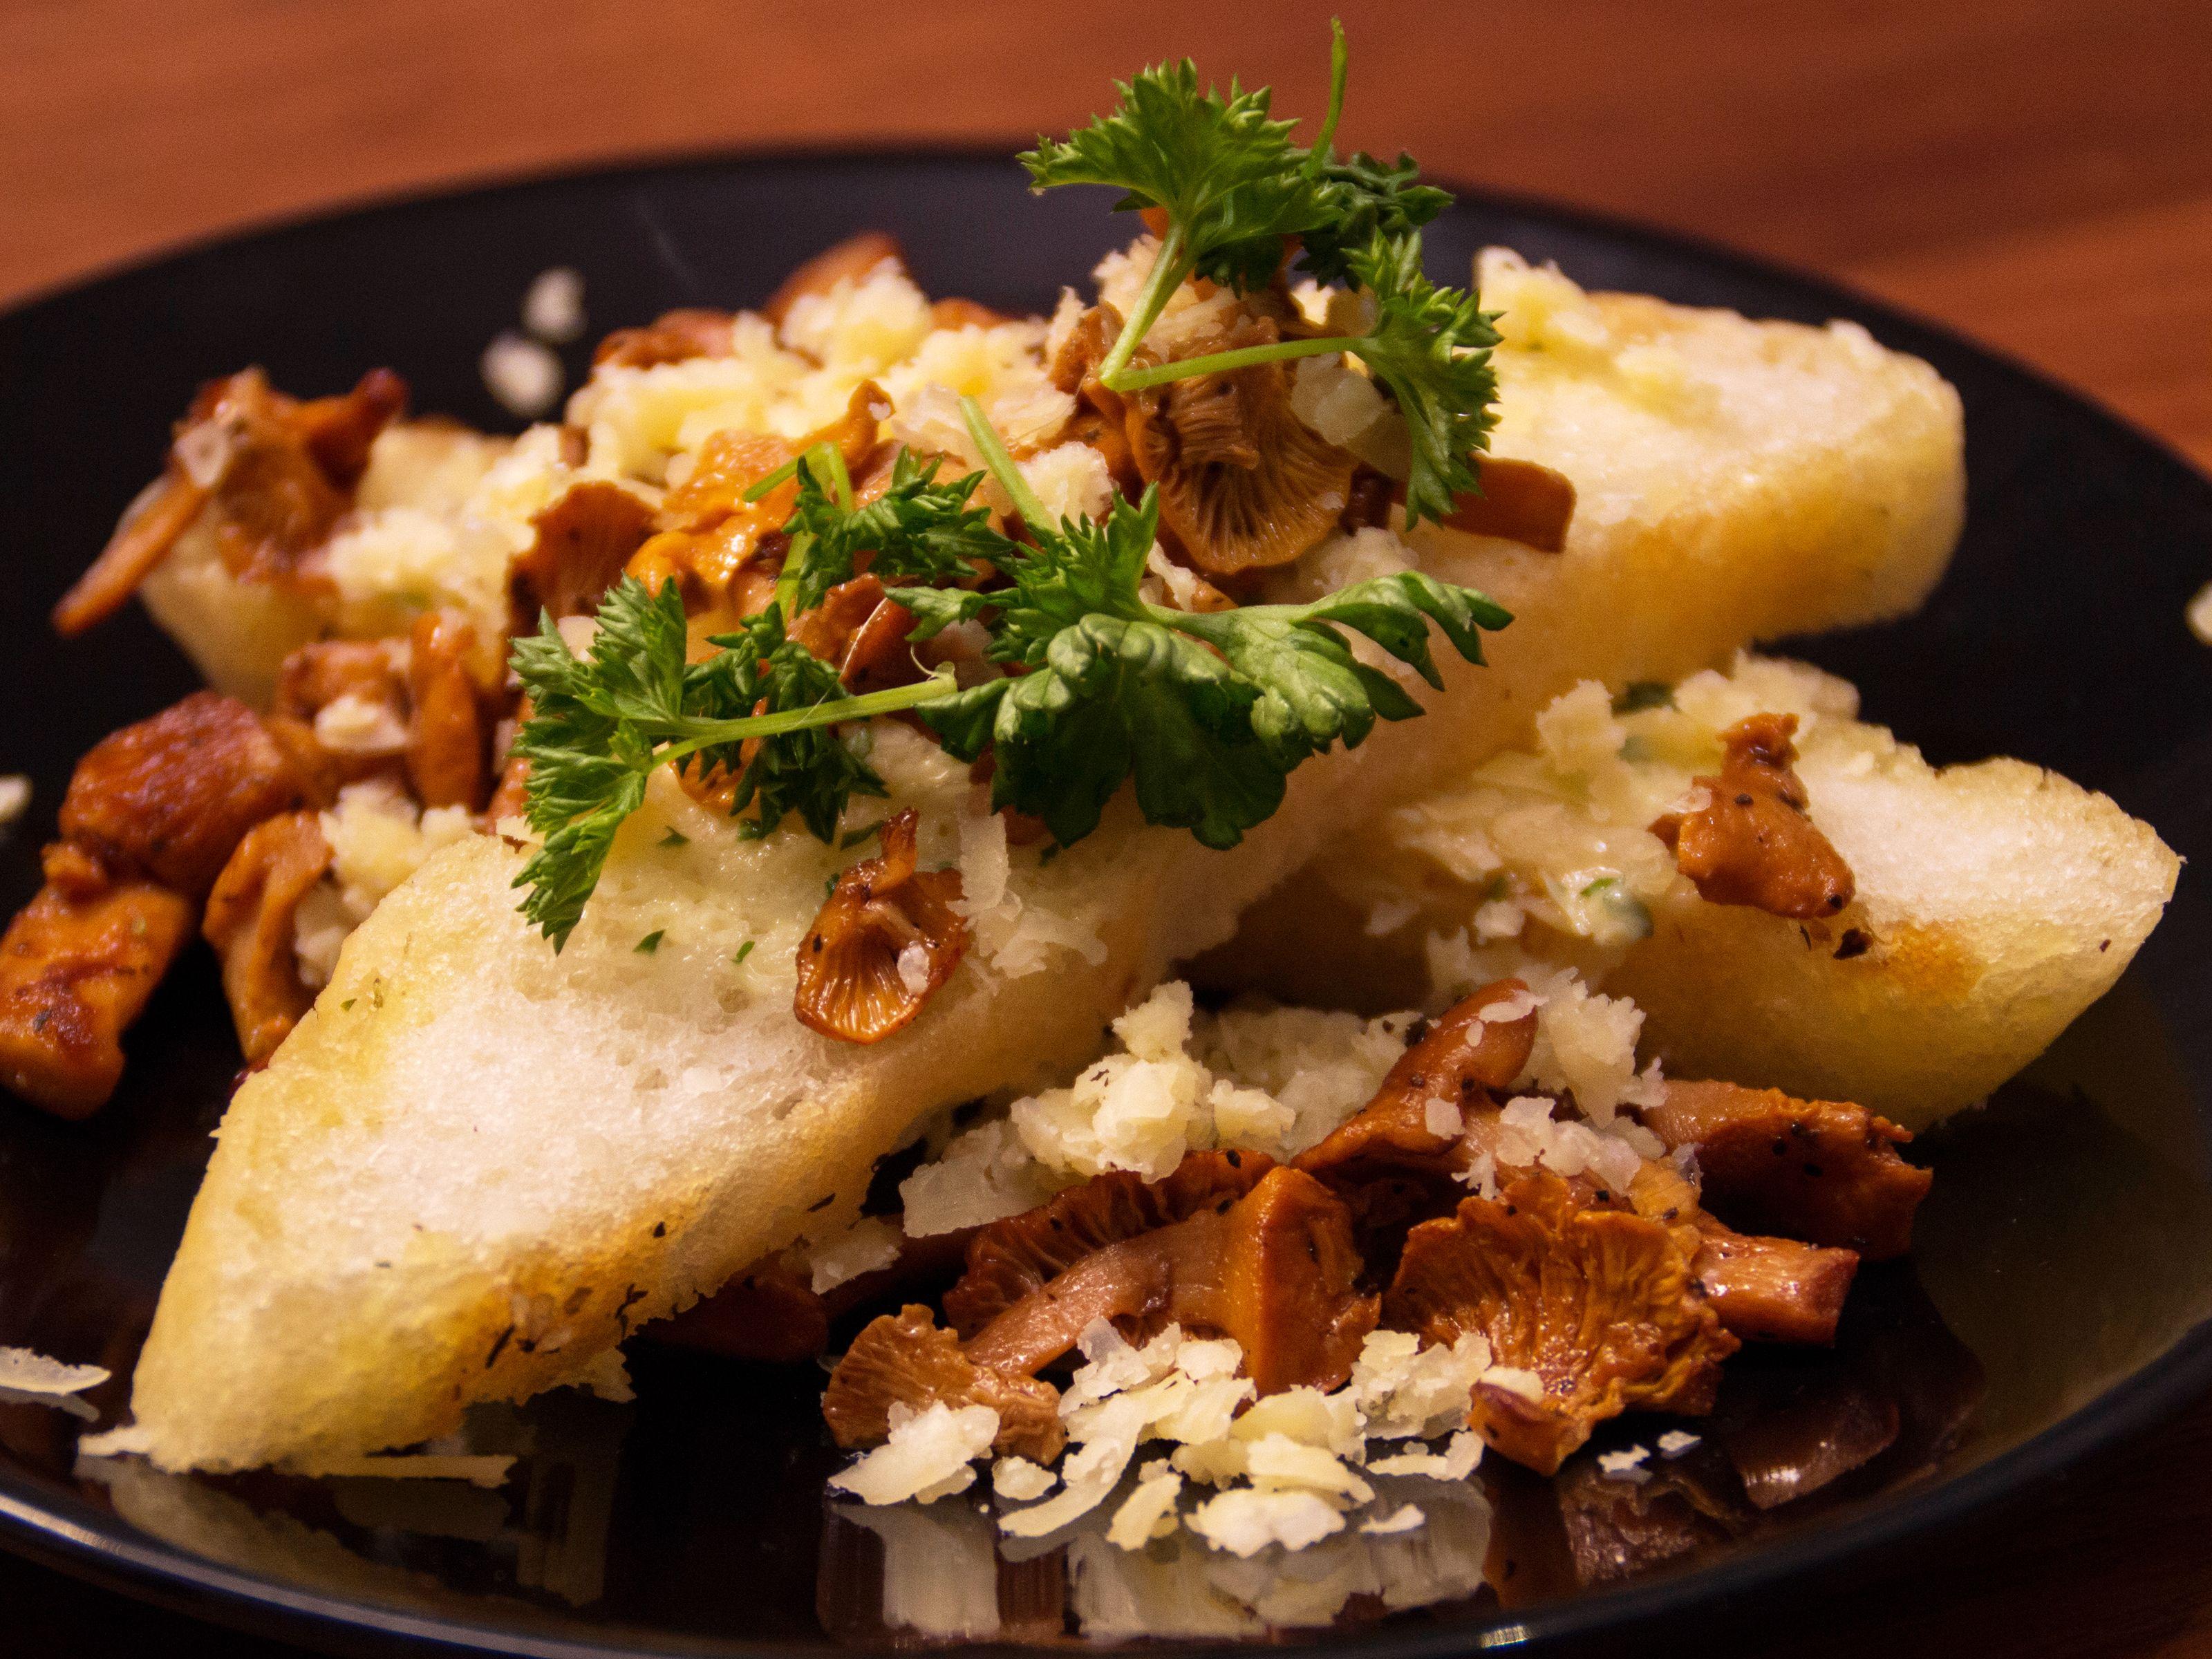 Sjötorps guld på ett frasigt glutenfritt vitlöksbröd | Recept.nu